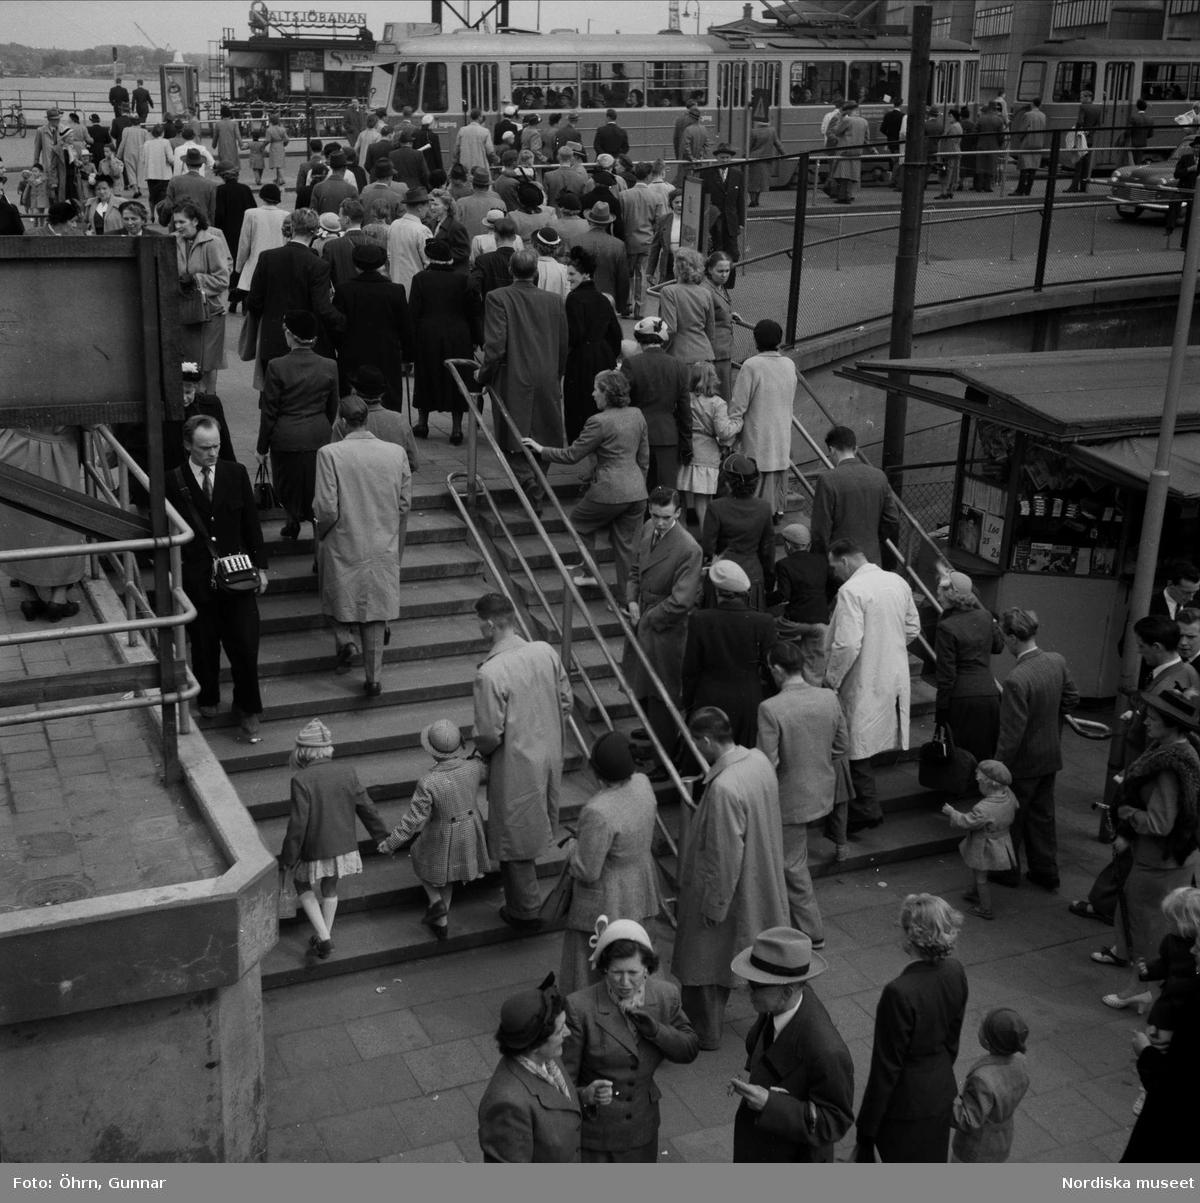 Rusningstid vid Slussen, Södermalmstorg. Människor i trappa, spårvagn i bakgrunden.